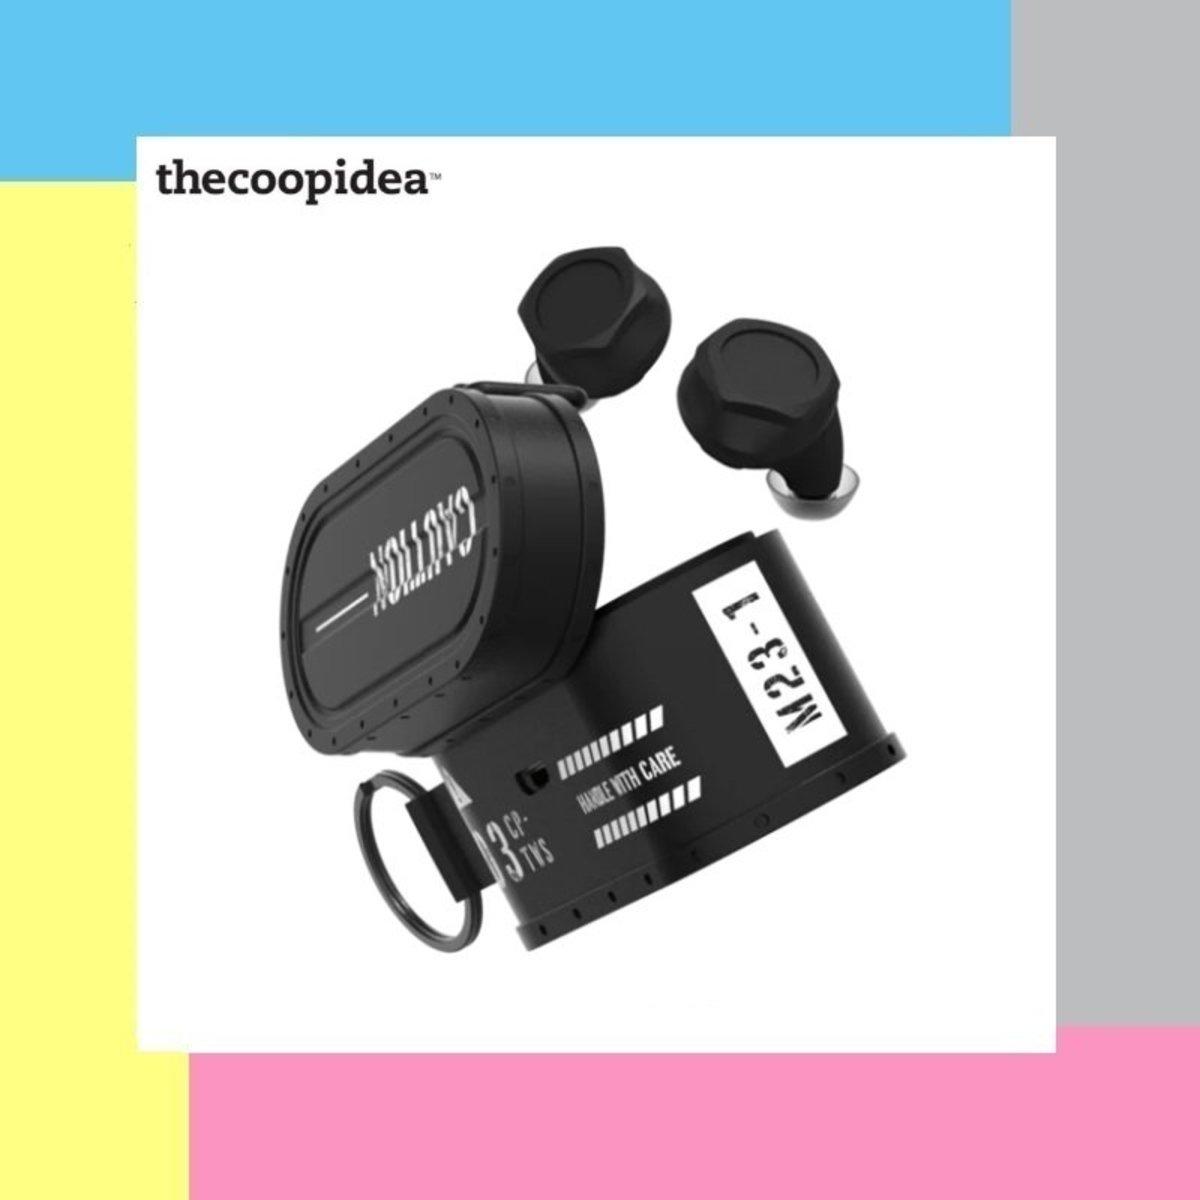 Cargo True Wireless Earbuds - Black